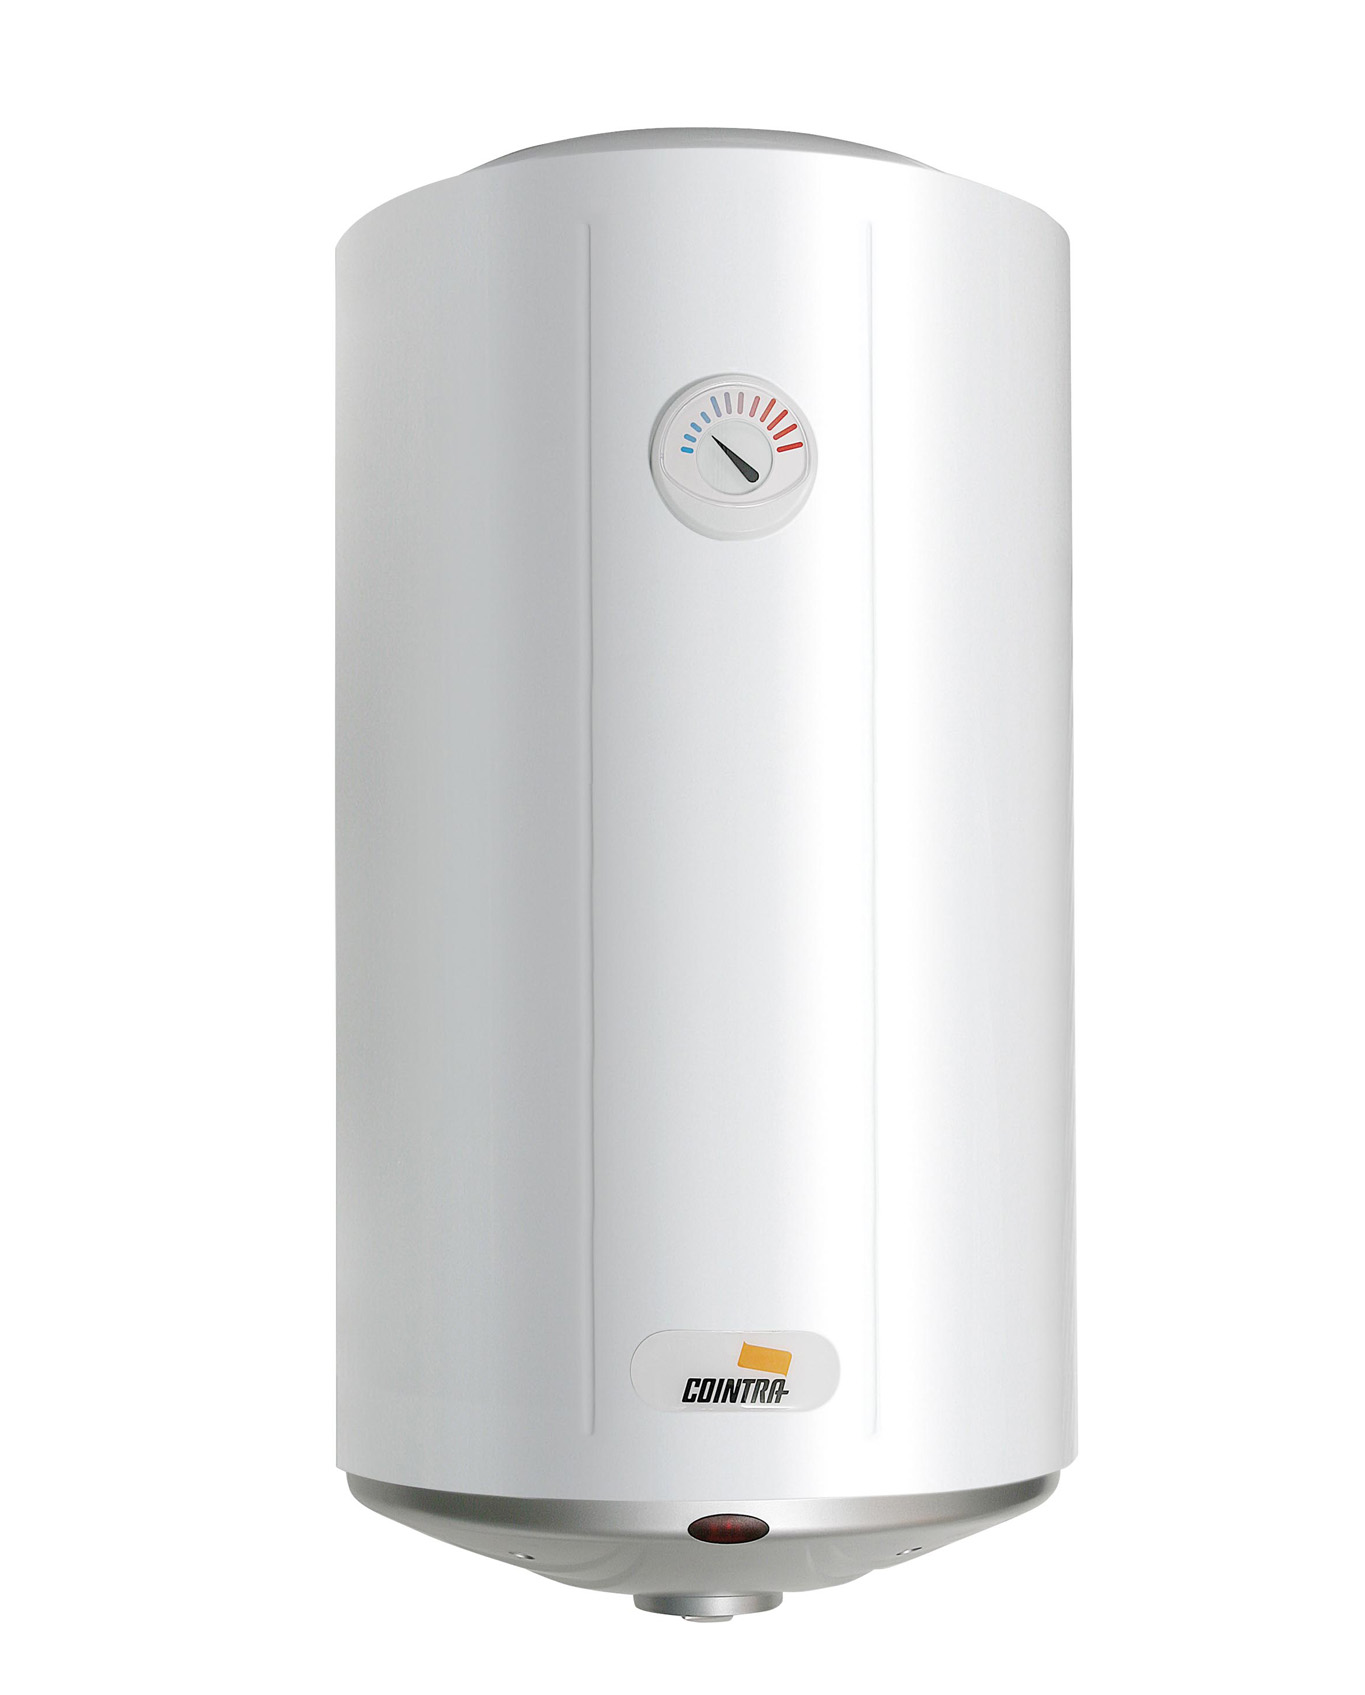 Calderas y aire acondicionado comprar al mejor precio for Mejor aire acondicionado calidad precio